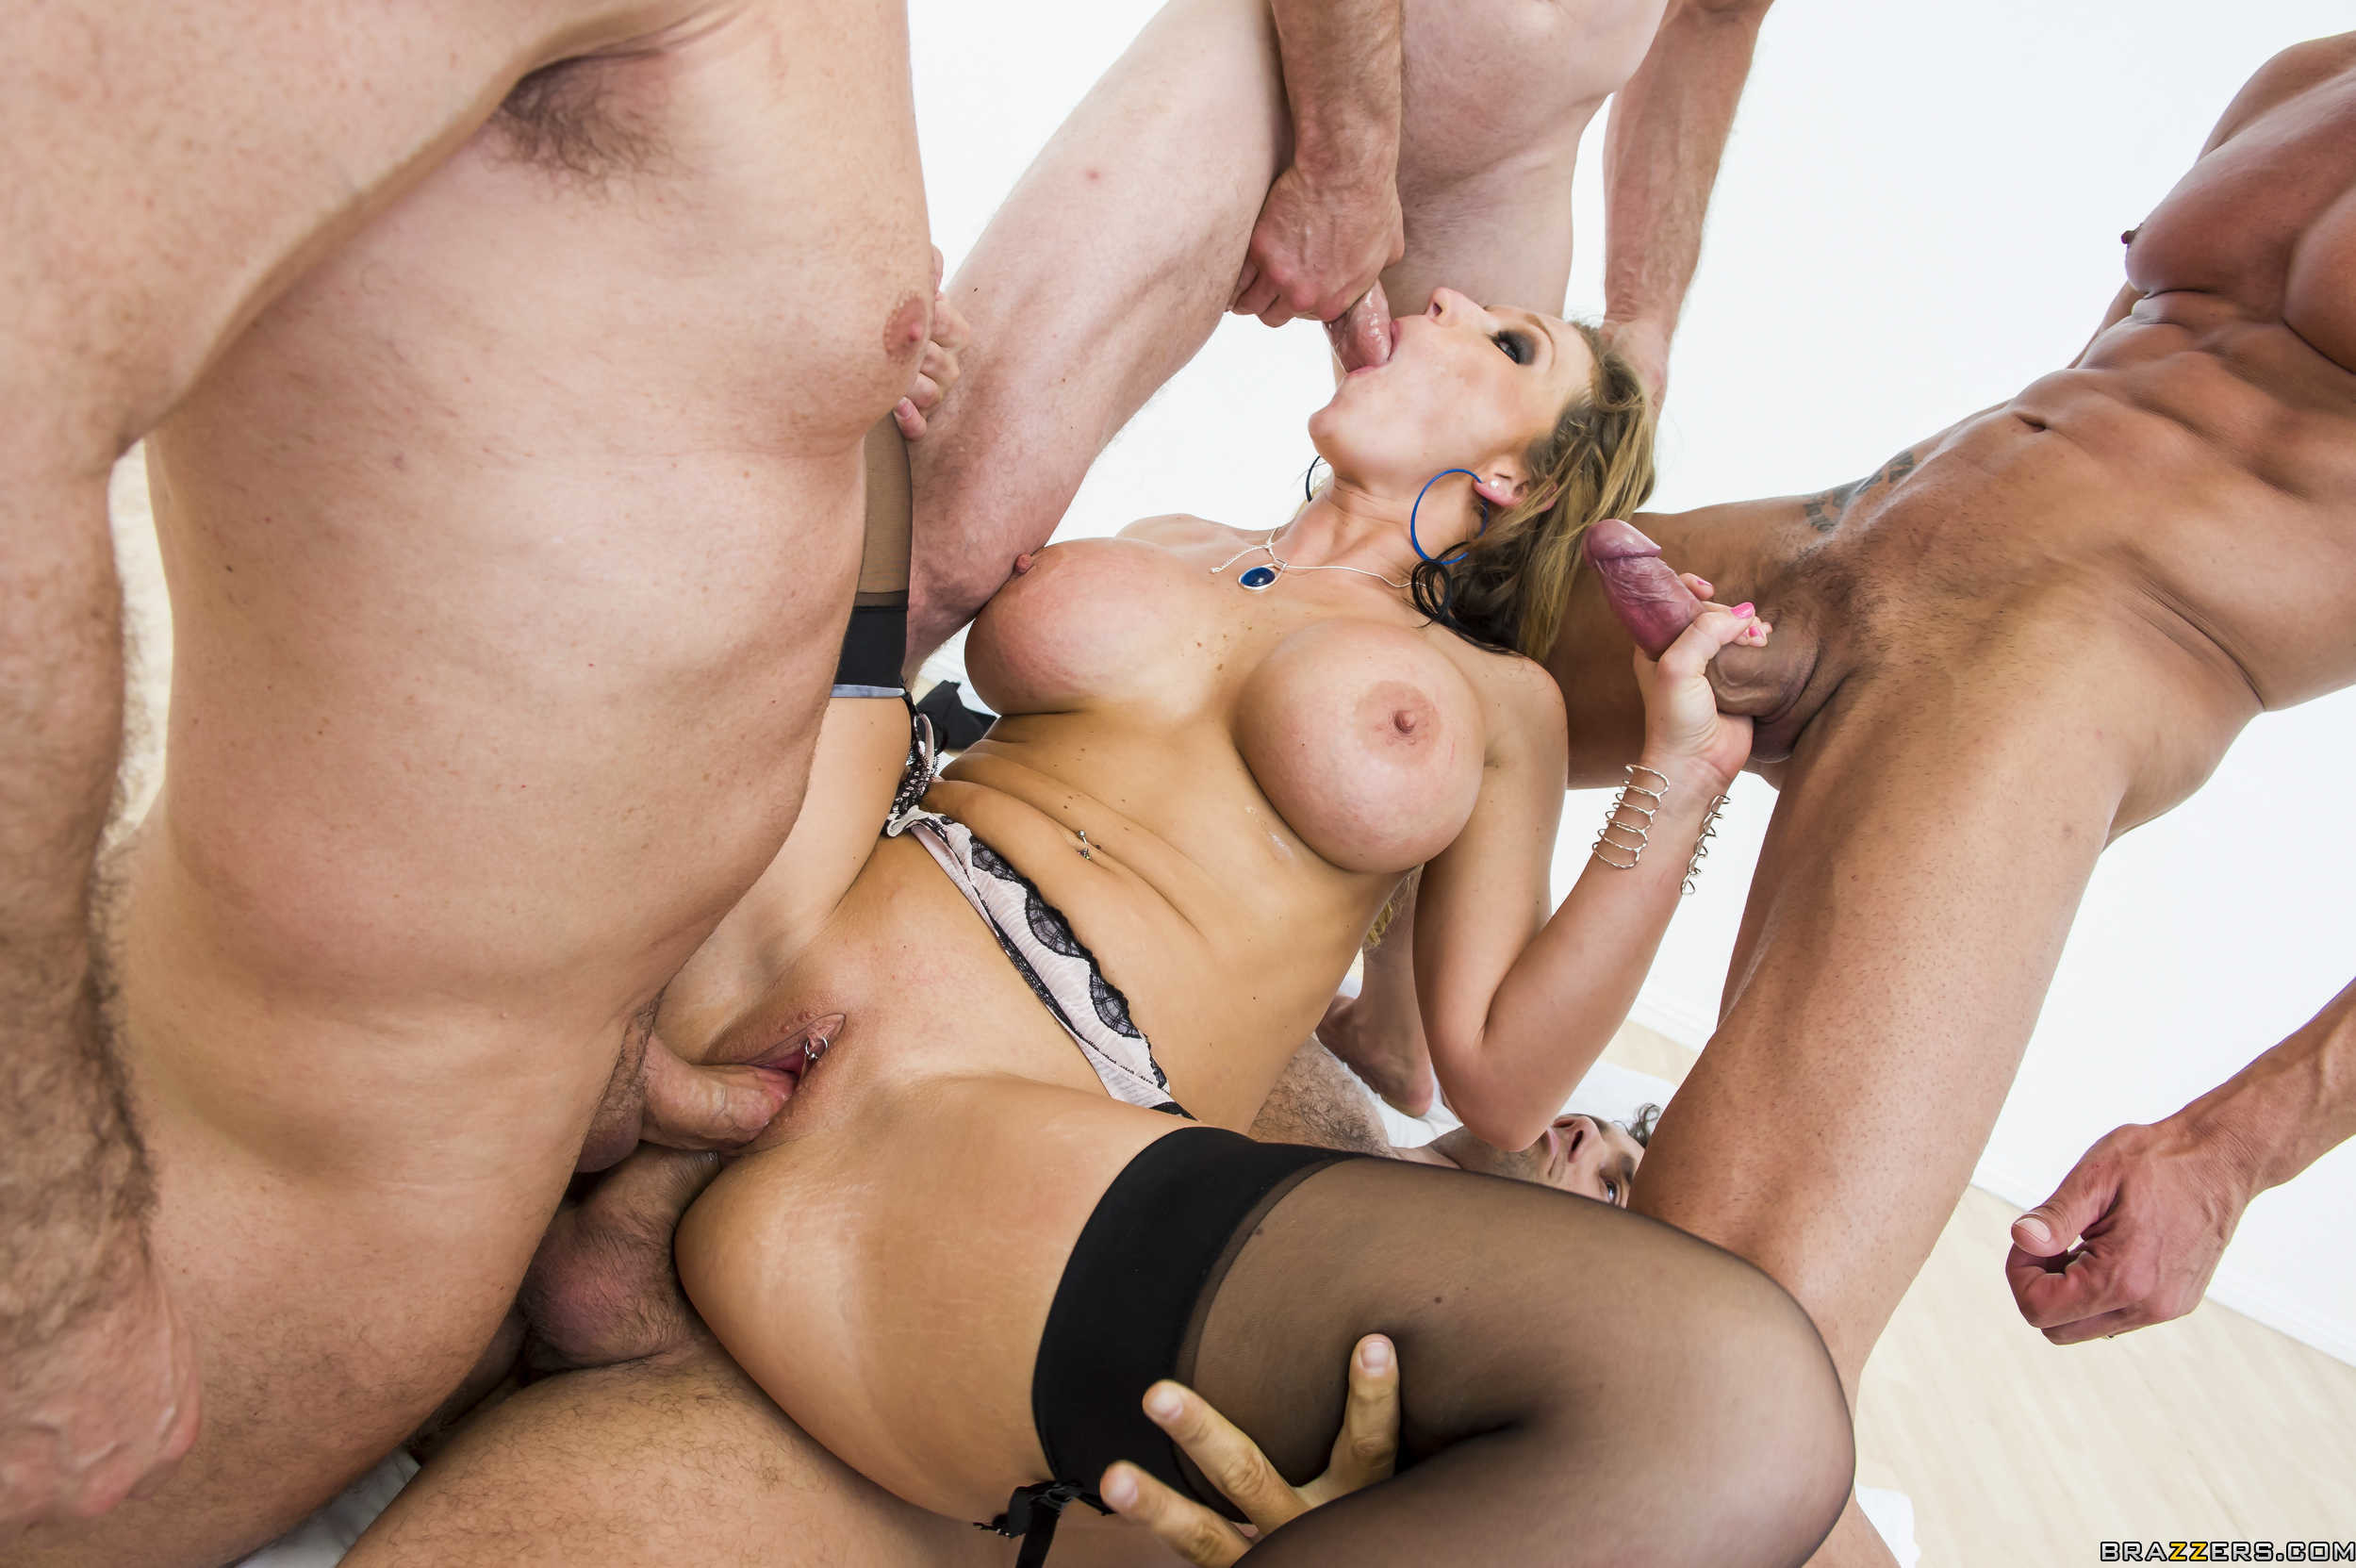 Самый жестокий порно фото, Жёсткий групповой секс с ненасытными молодухами 11 фотография